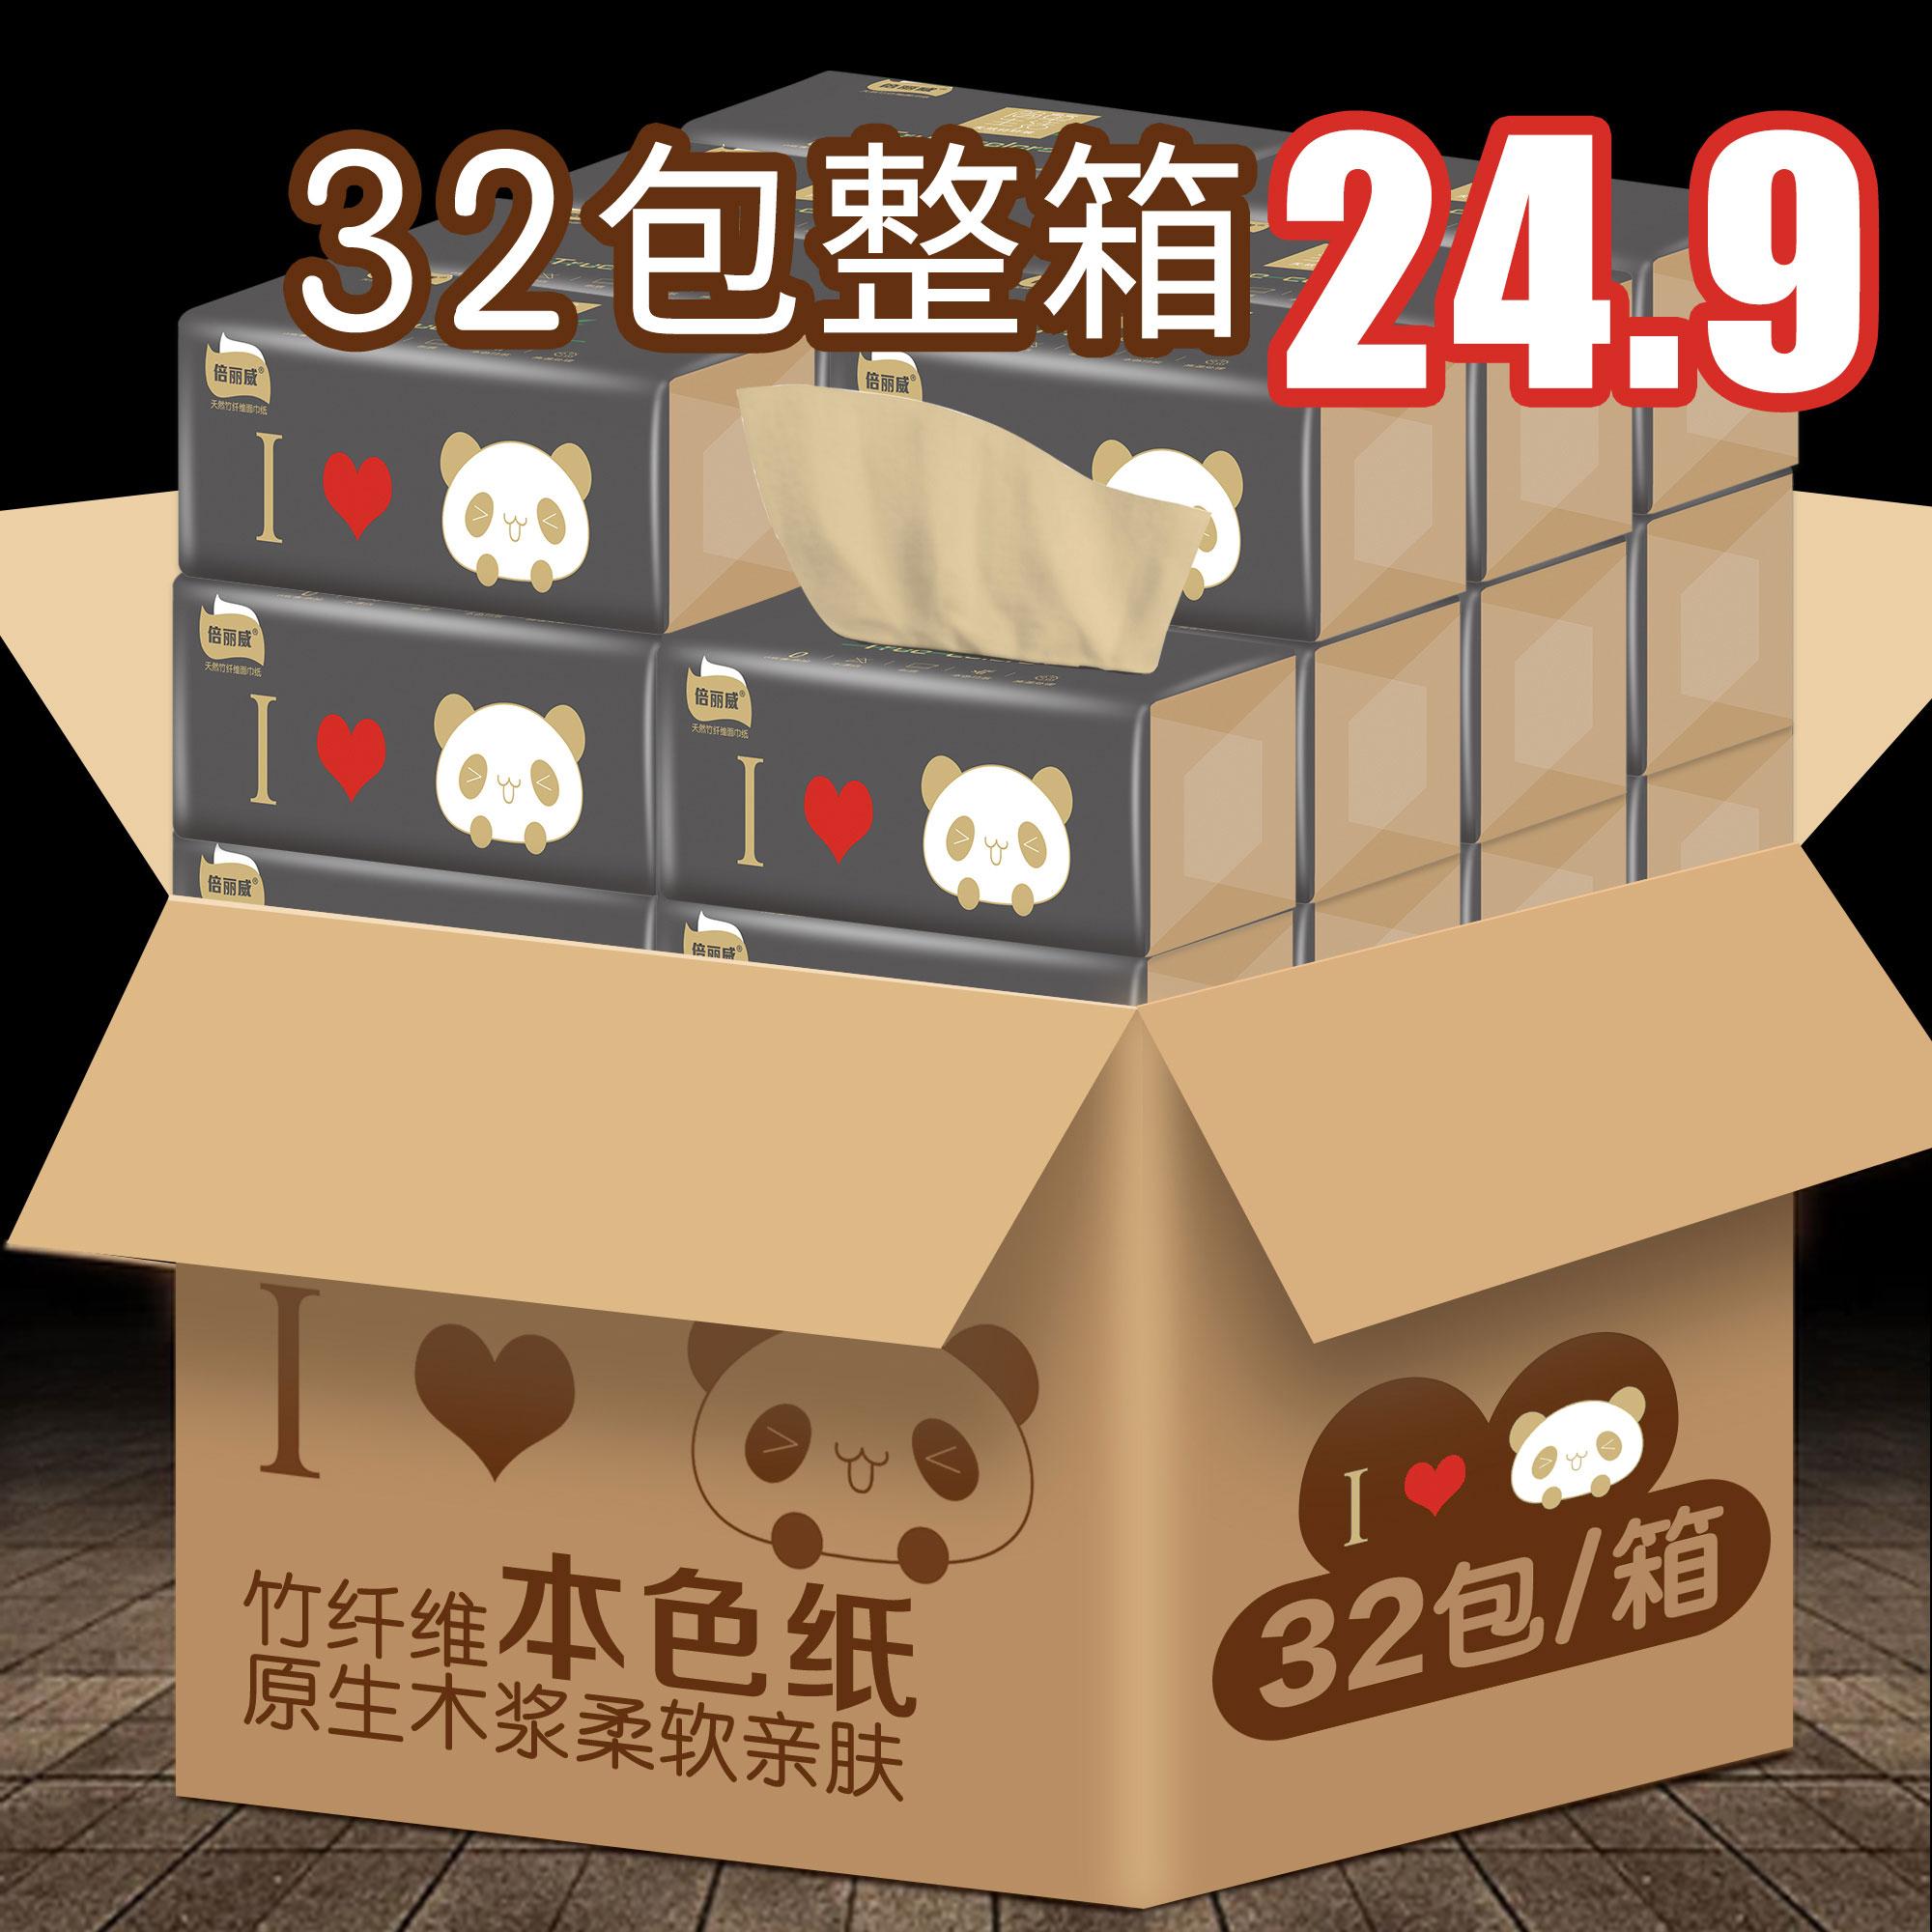 倍丽威本色抽纸32包家用卫生纸巾家庭装面巾纸餐巾纸抽整箱批发